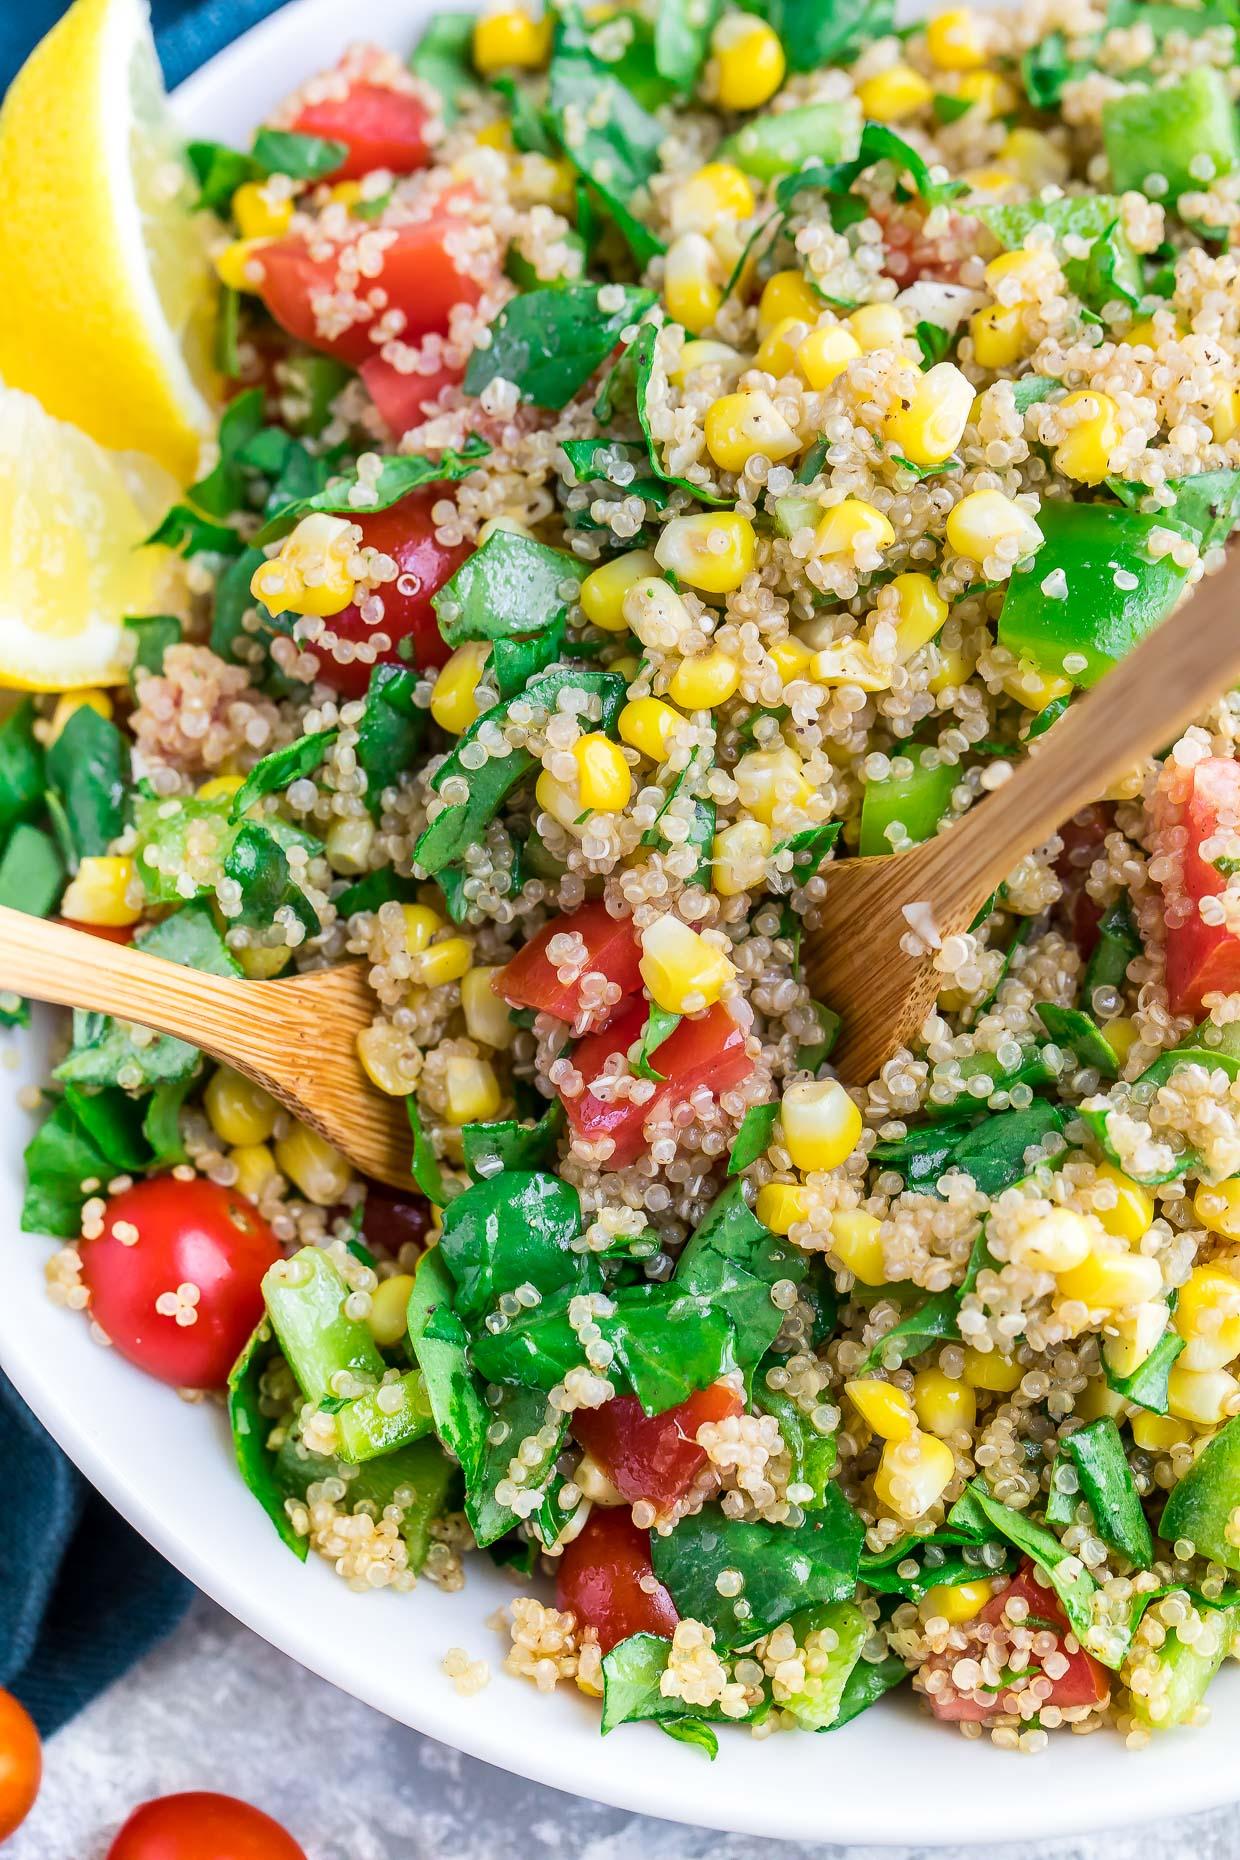 Quinoa-Vegetable Salad advise